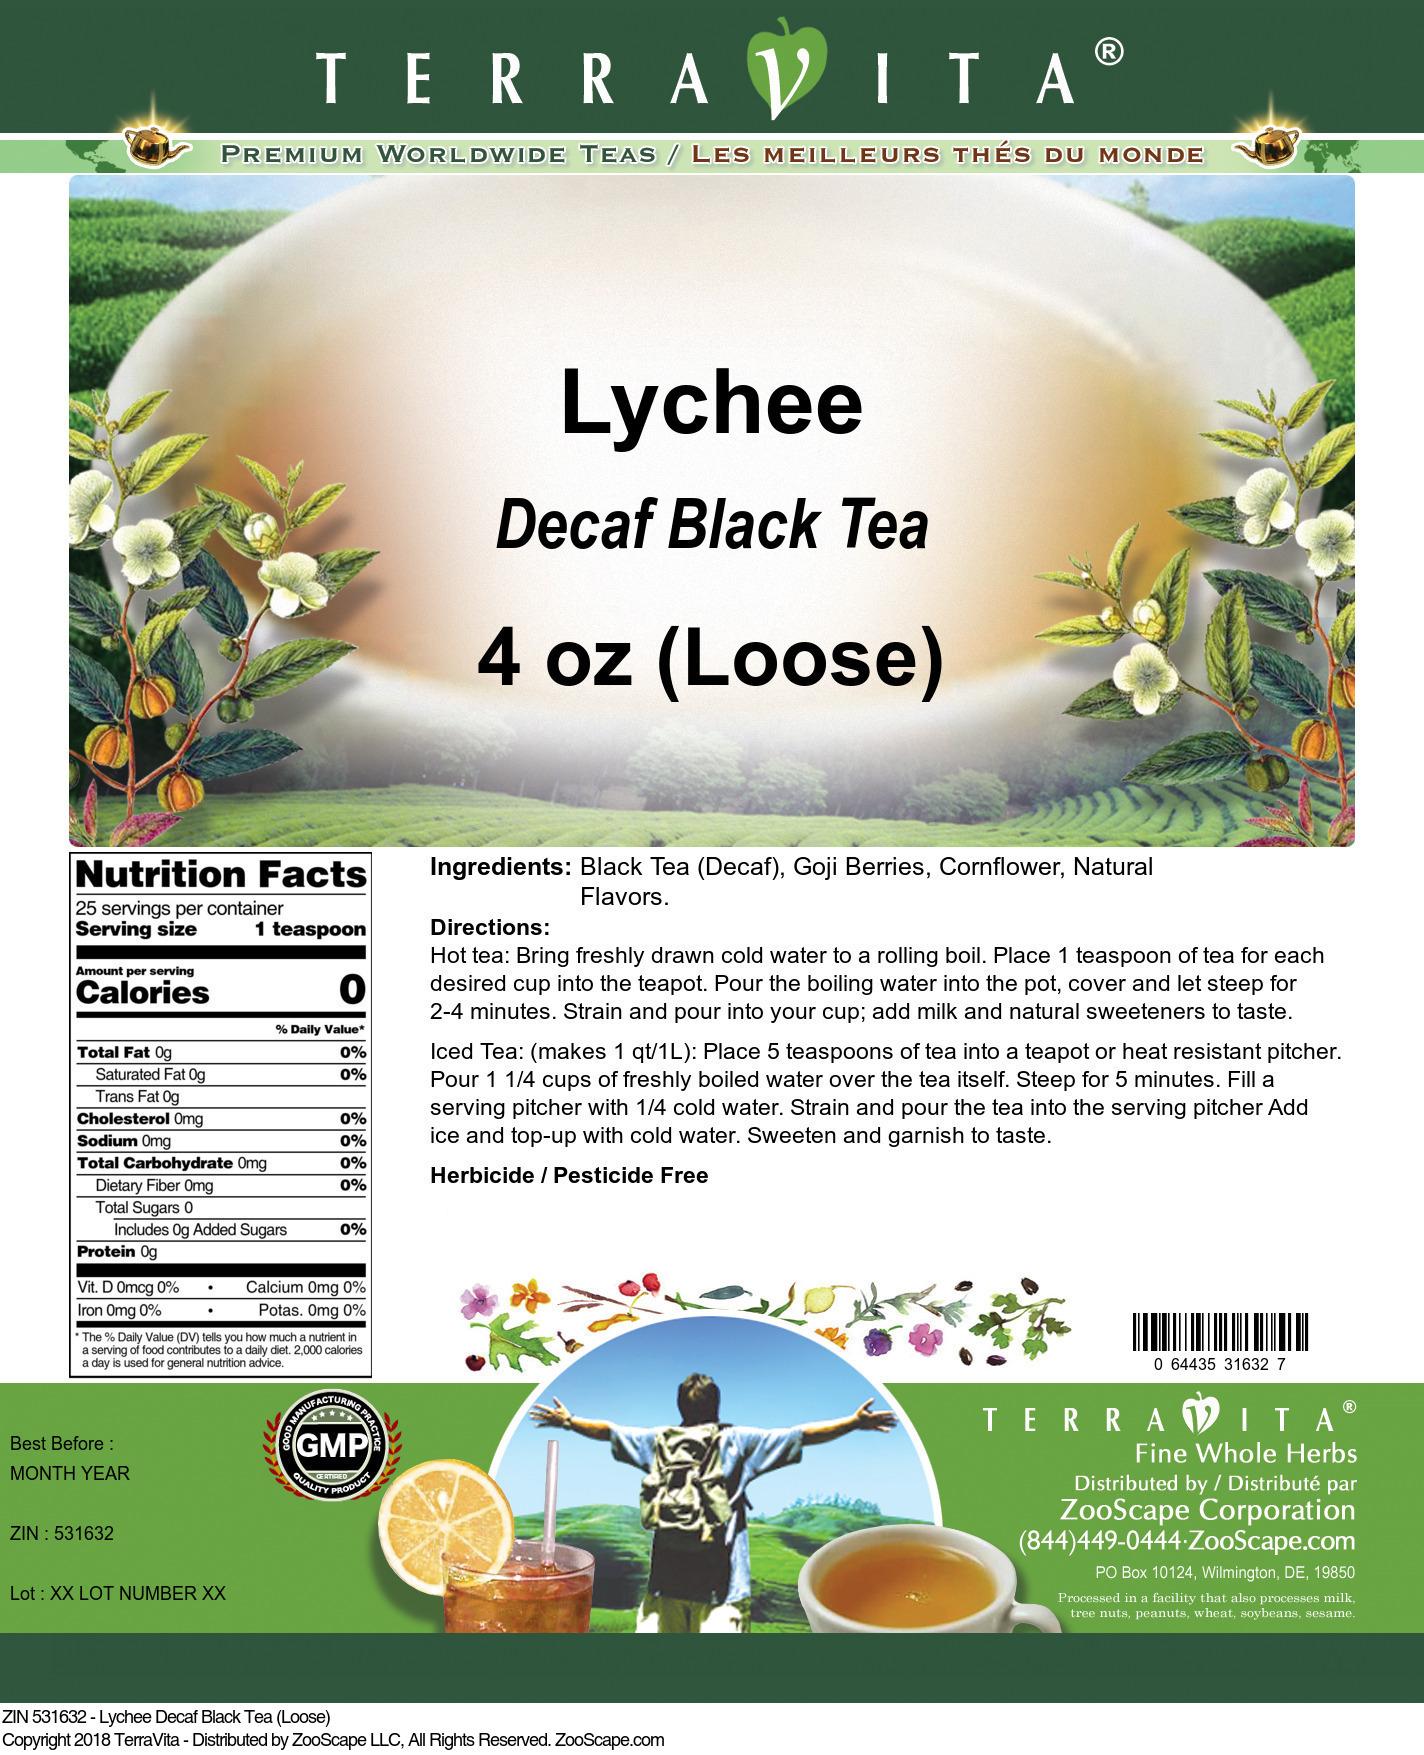 Lychee Decaf Black Tea (Loose)